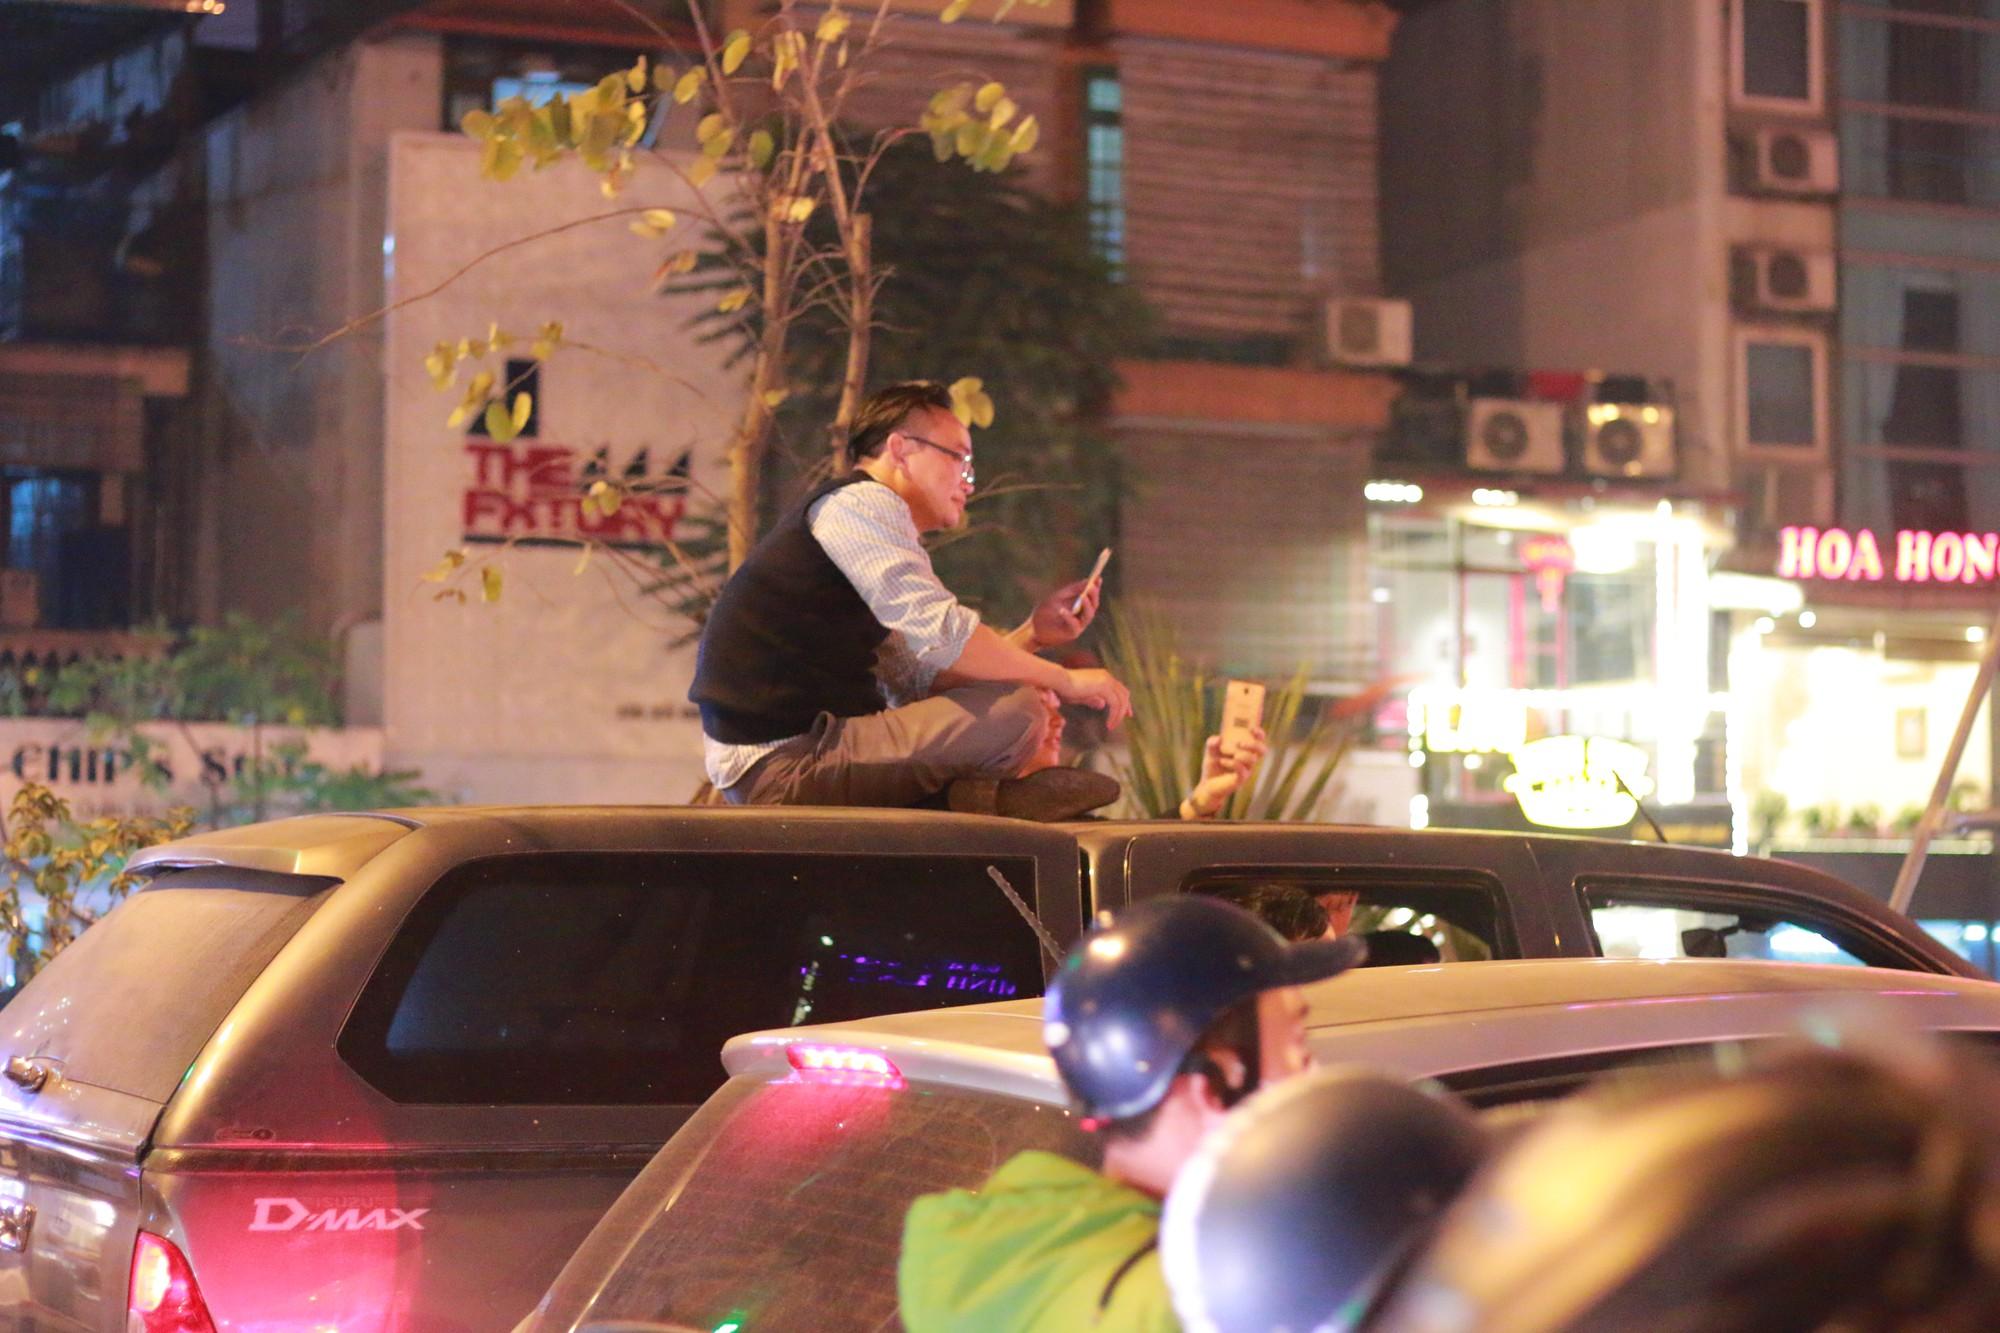 Những nhạc cụ gõ mừng U23 Việt Nam chiến thắng đặc dị khác thường nhất đêm qua - Ảnh 8.